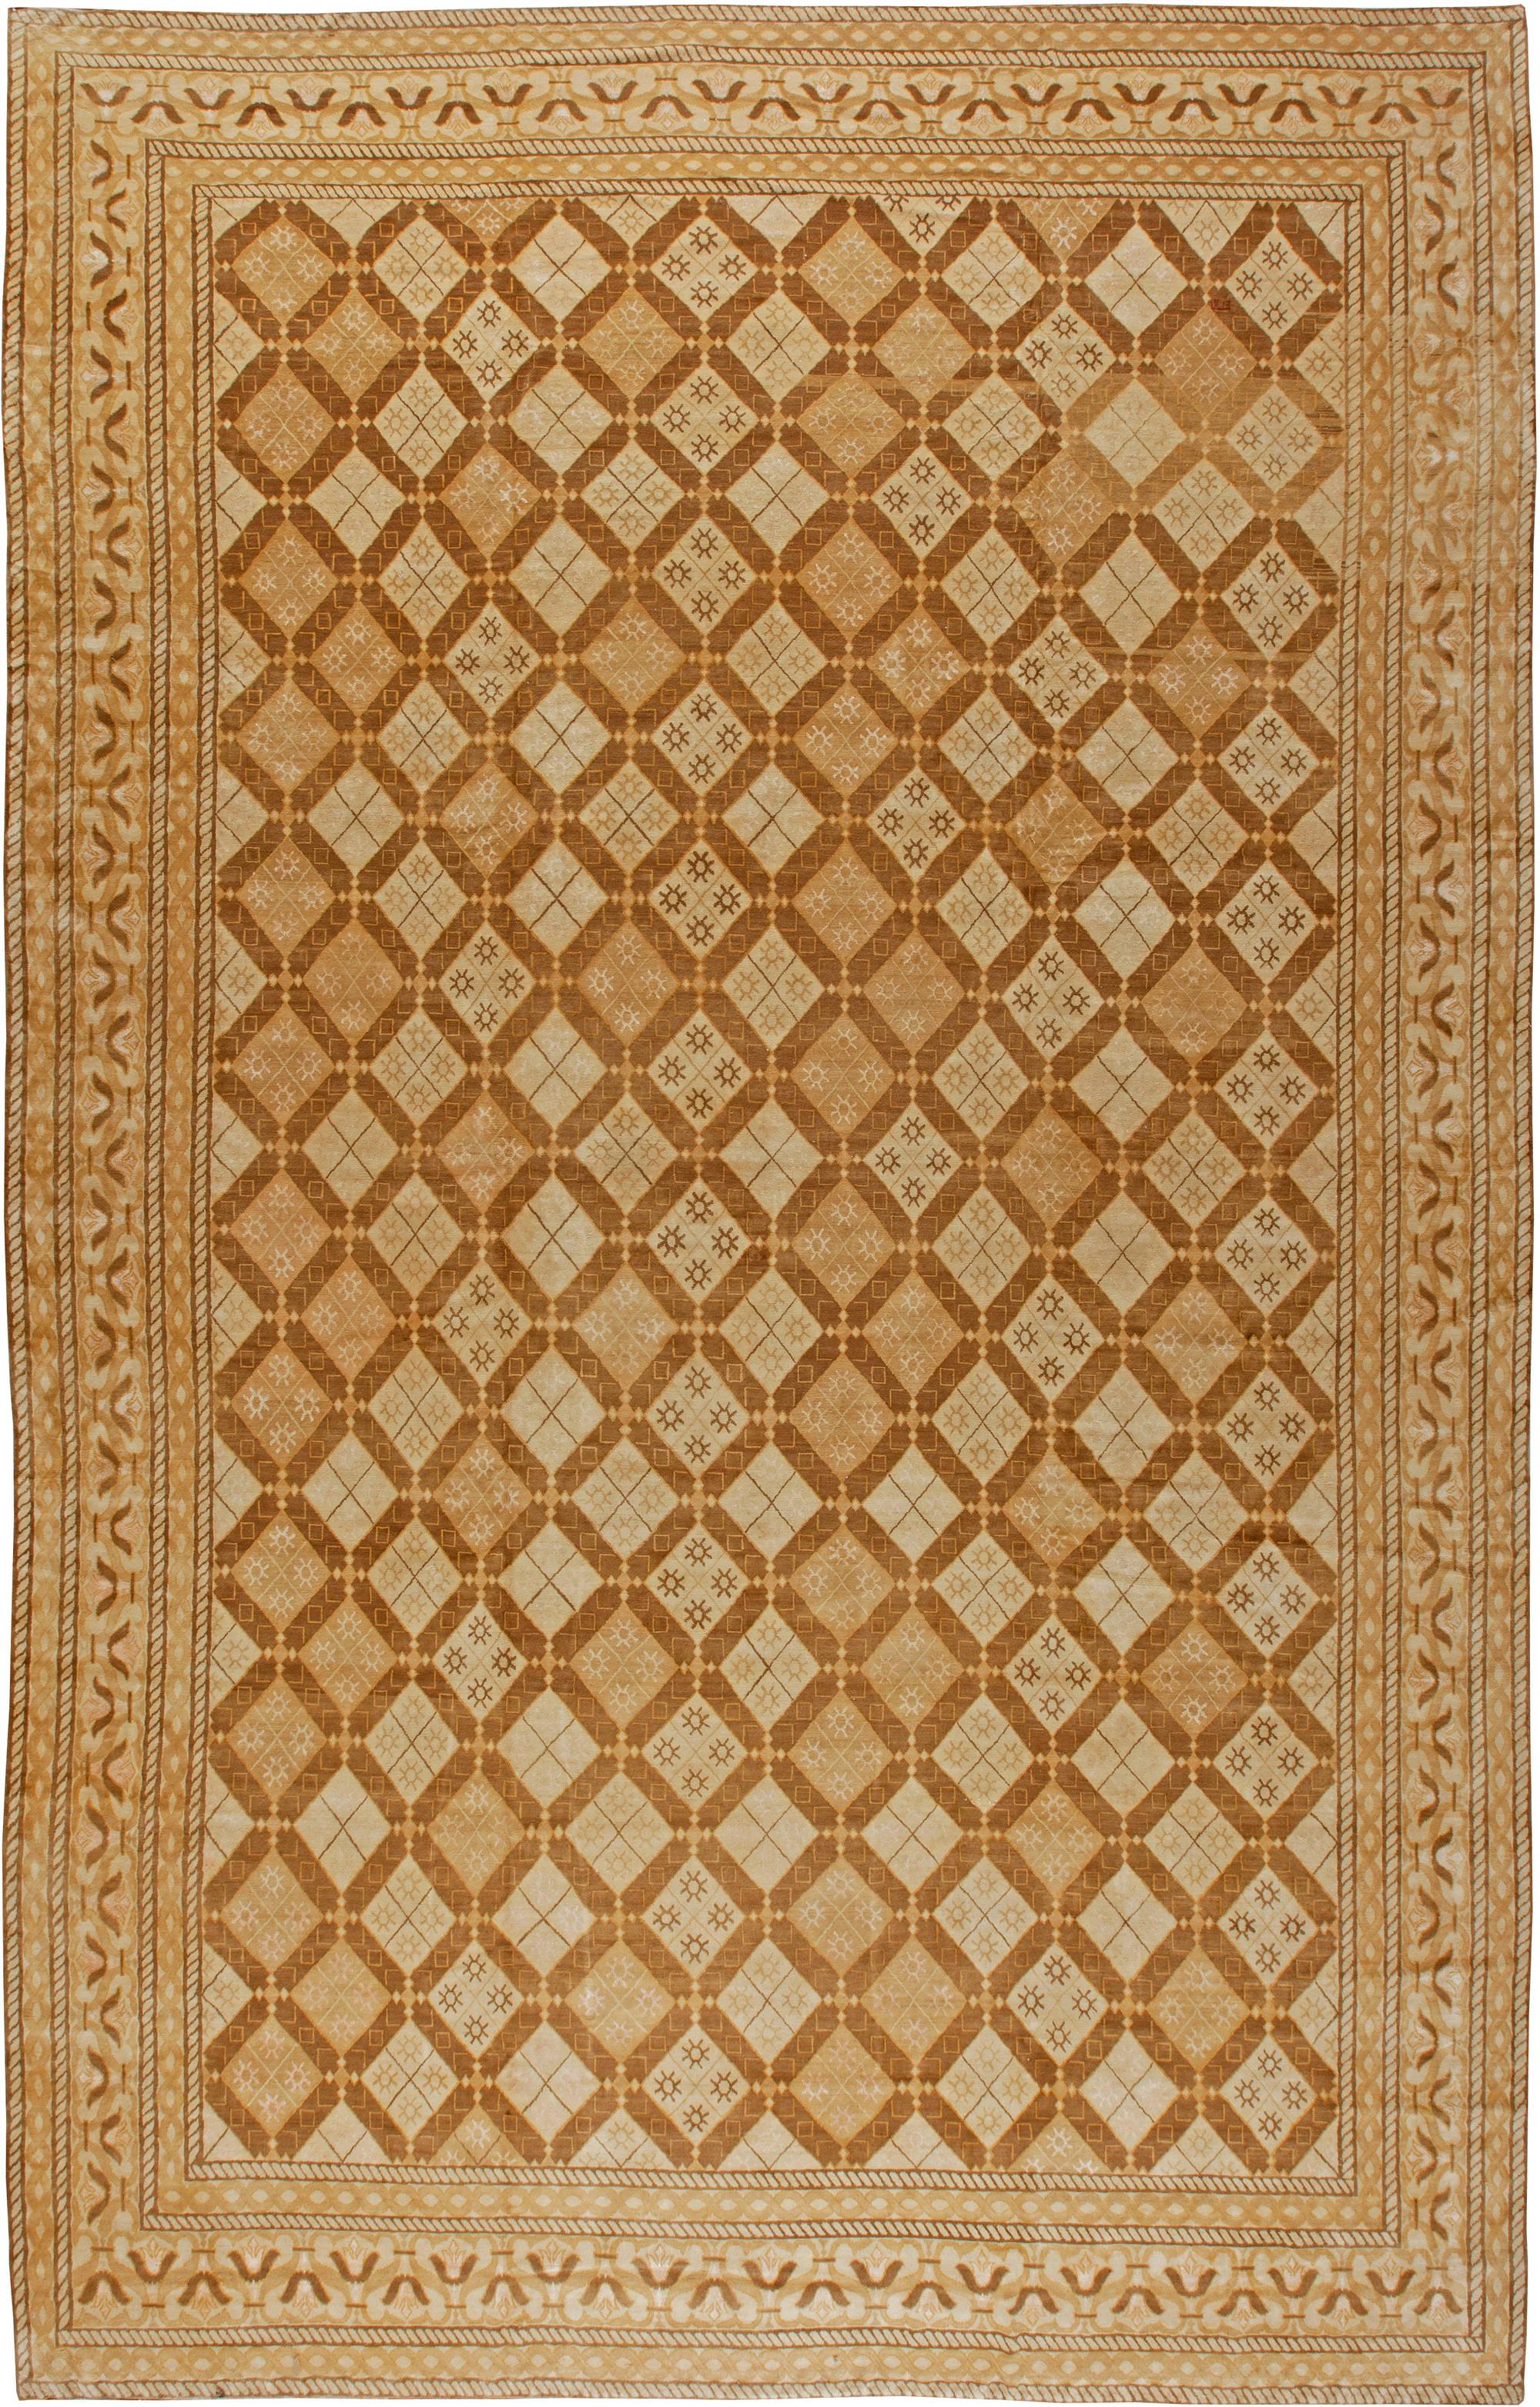 Tibetan Rug N10795